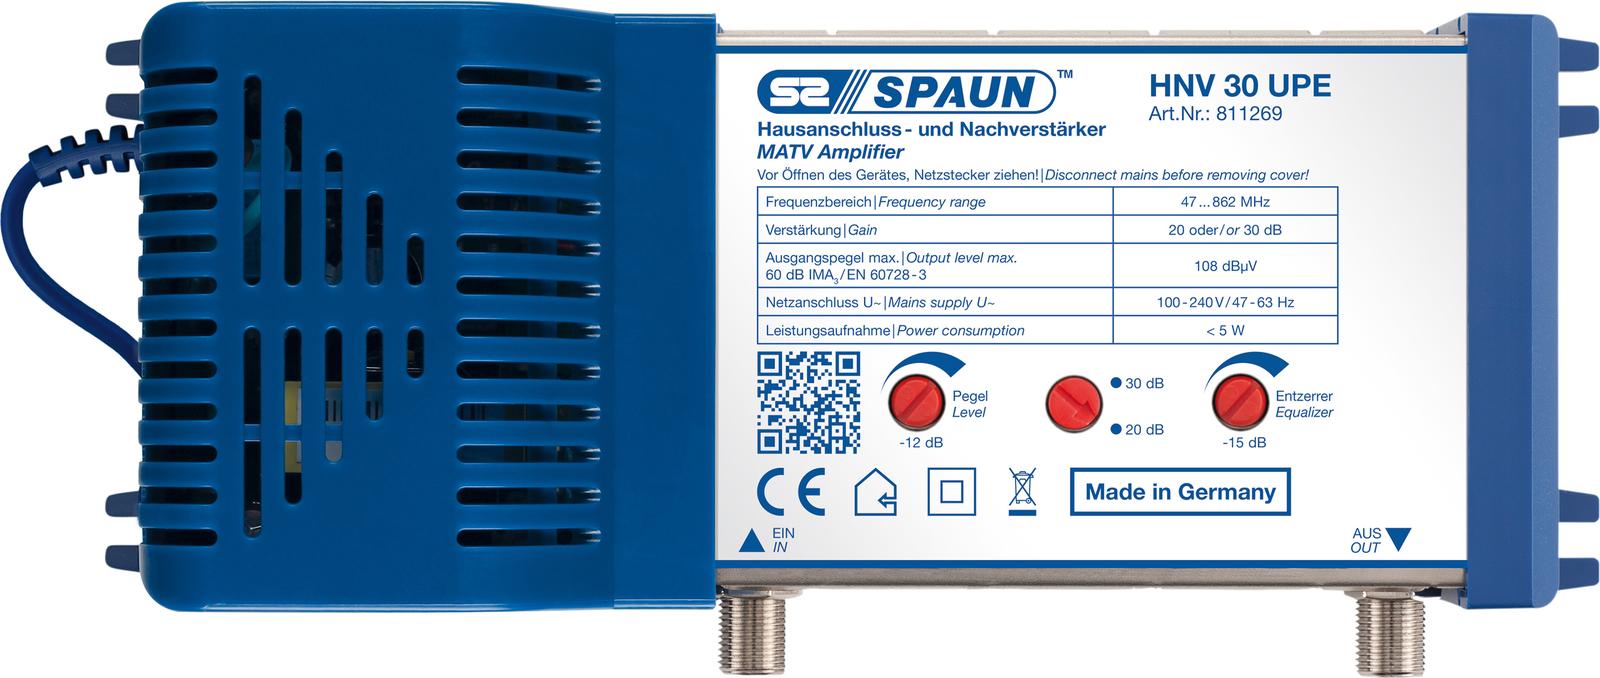 Spaun HNV 30 UPE MATV-/Home Amplifier 811269 - eet01